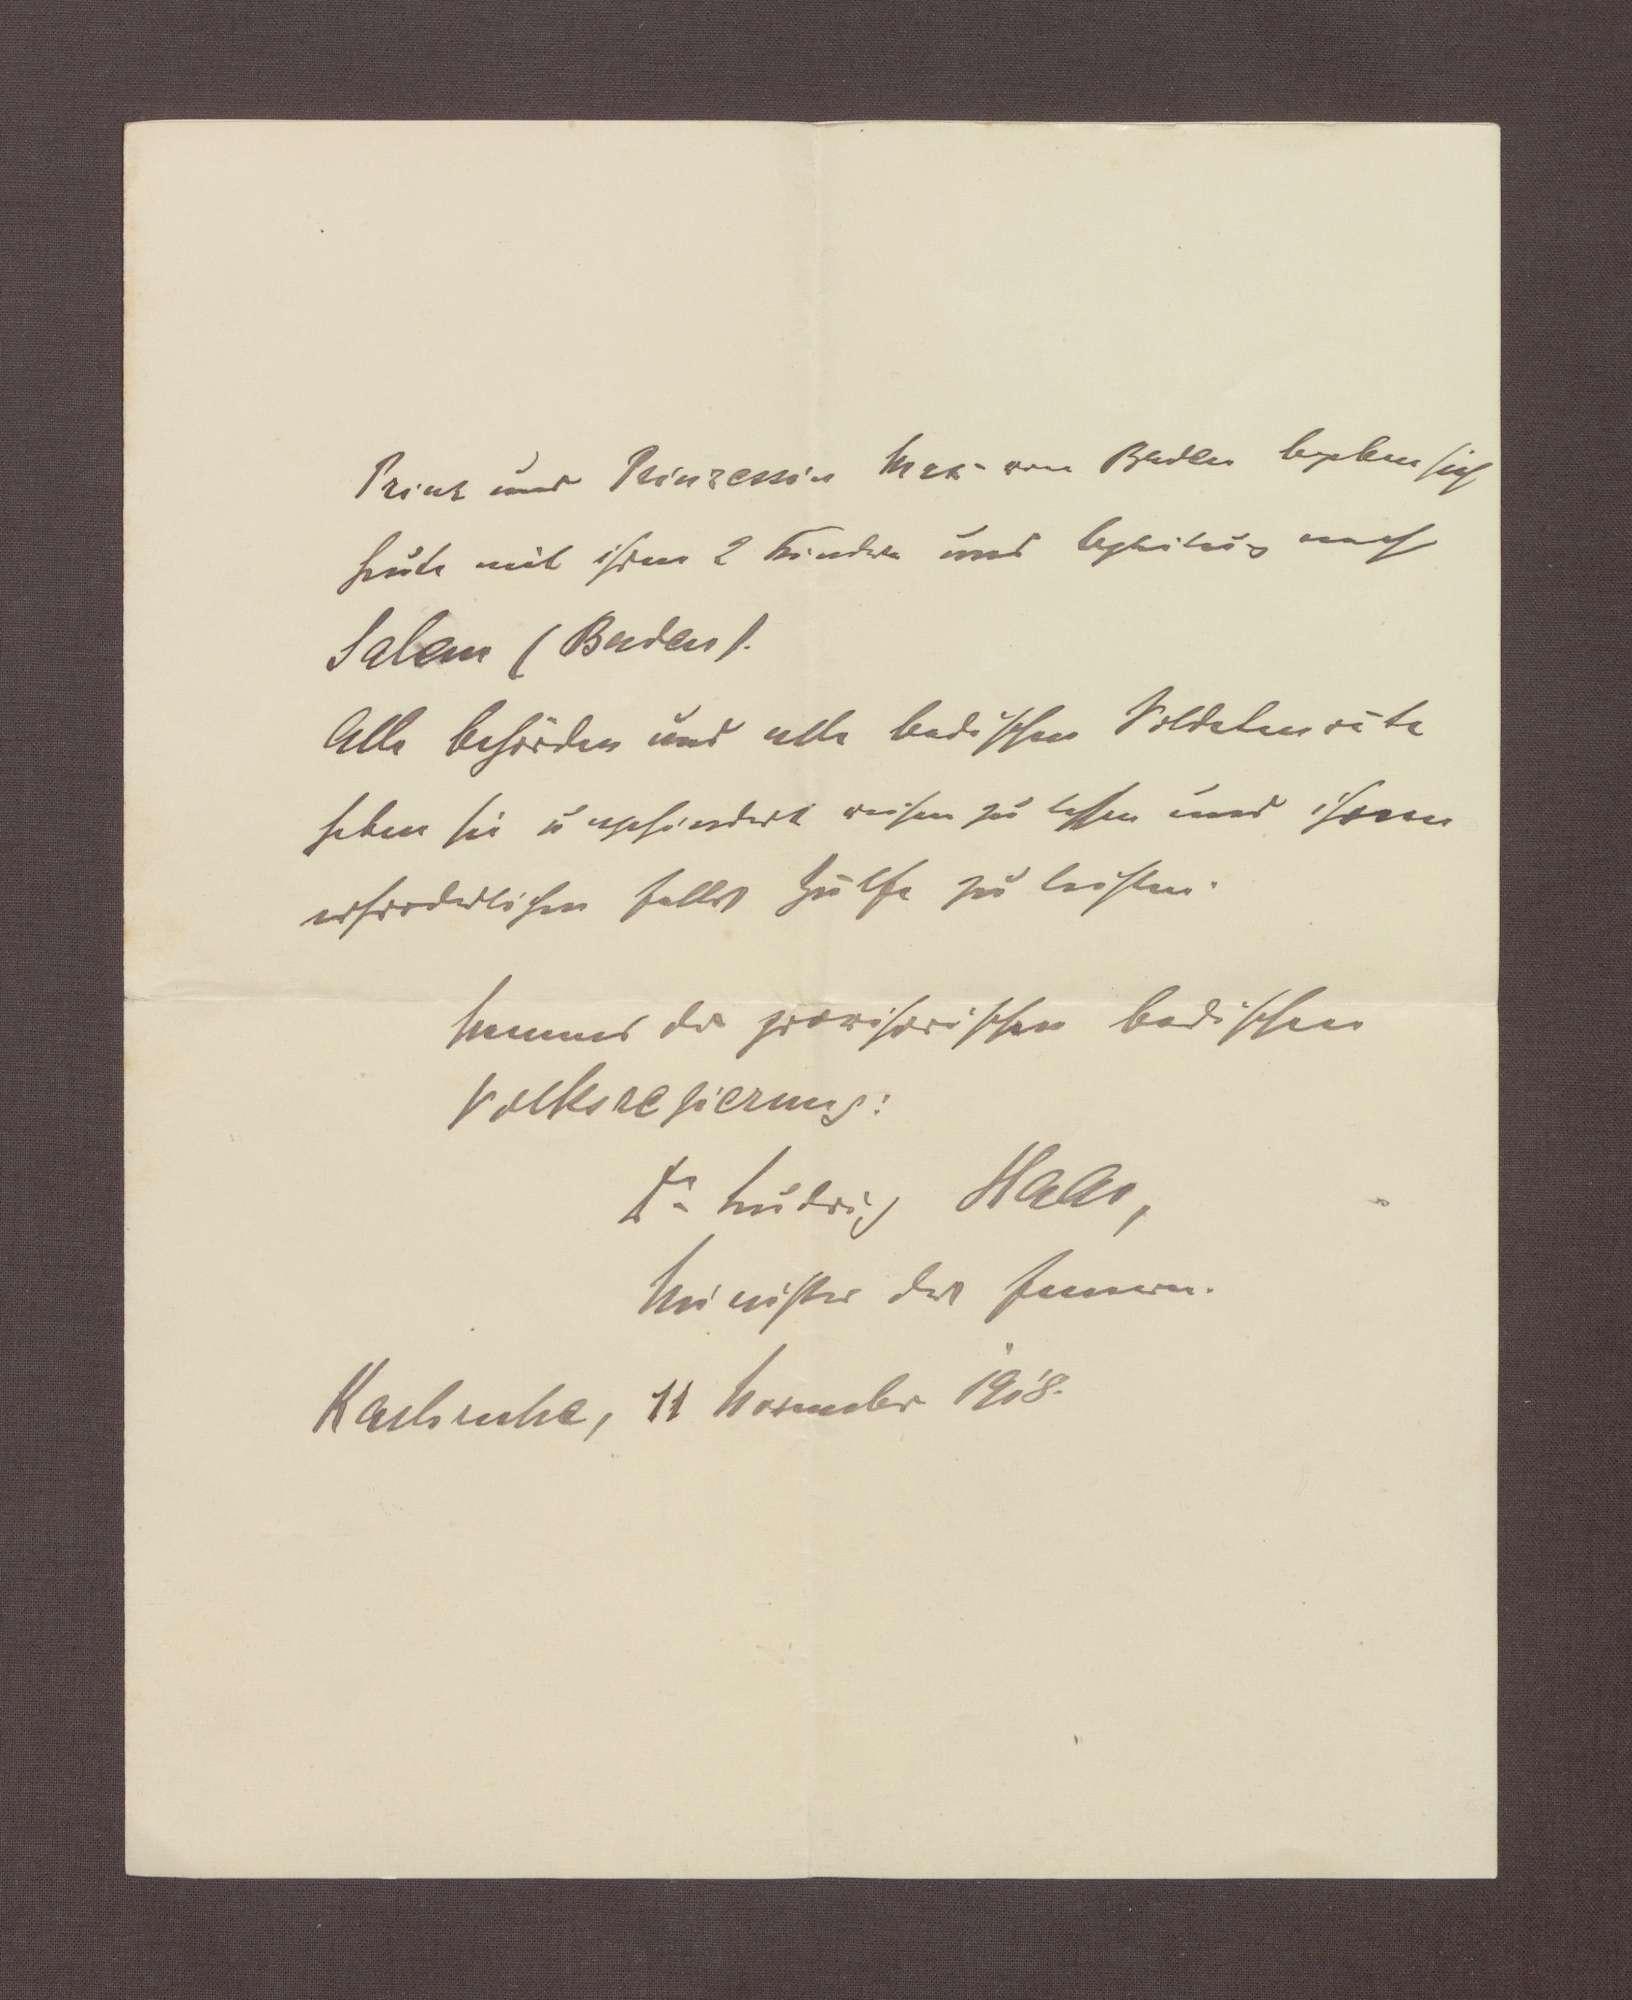 Schreiben von Ludwig Haas; Passierschein für Prinz Max von Baden, Bild 1